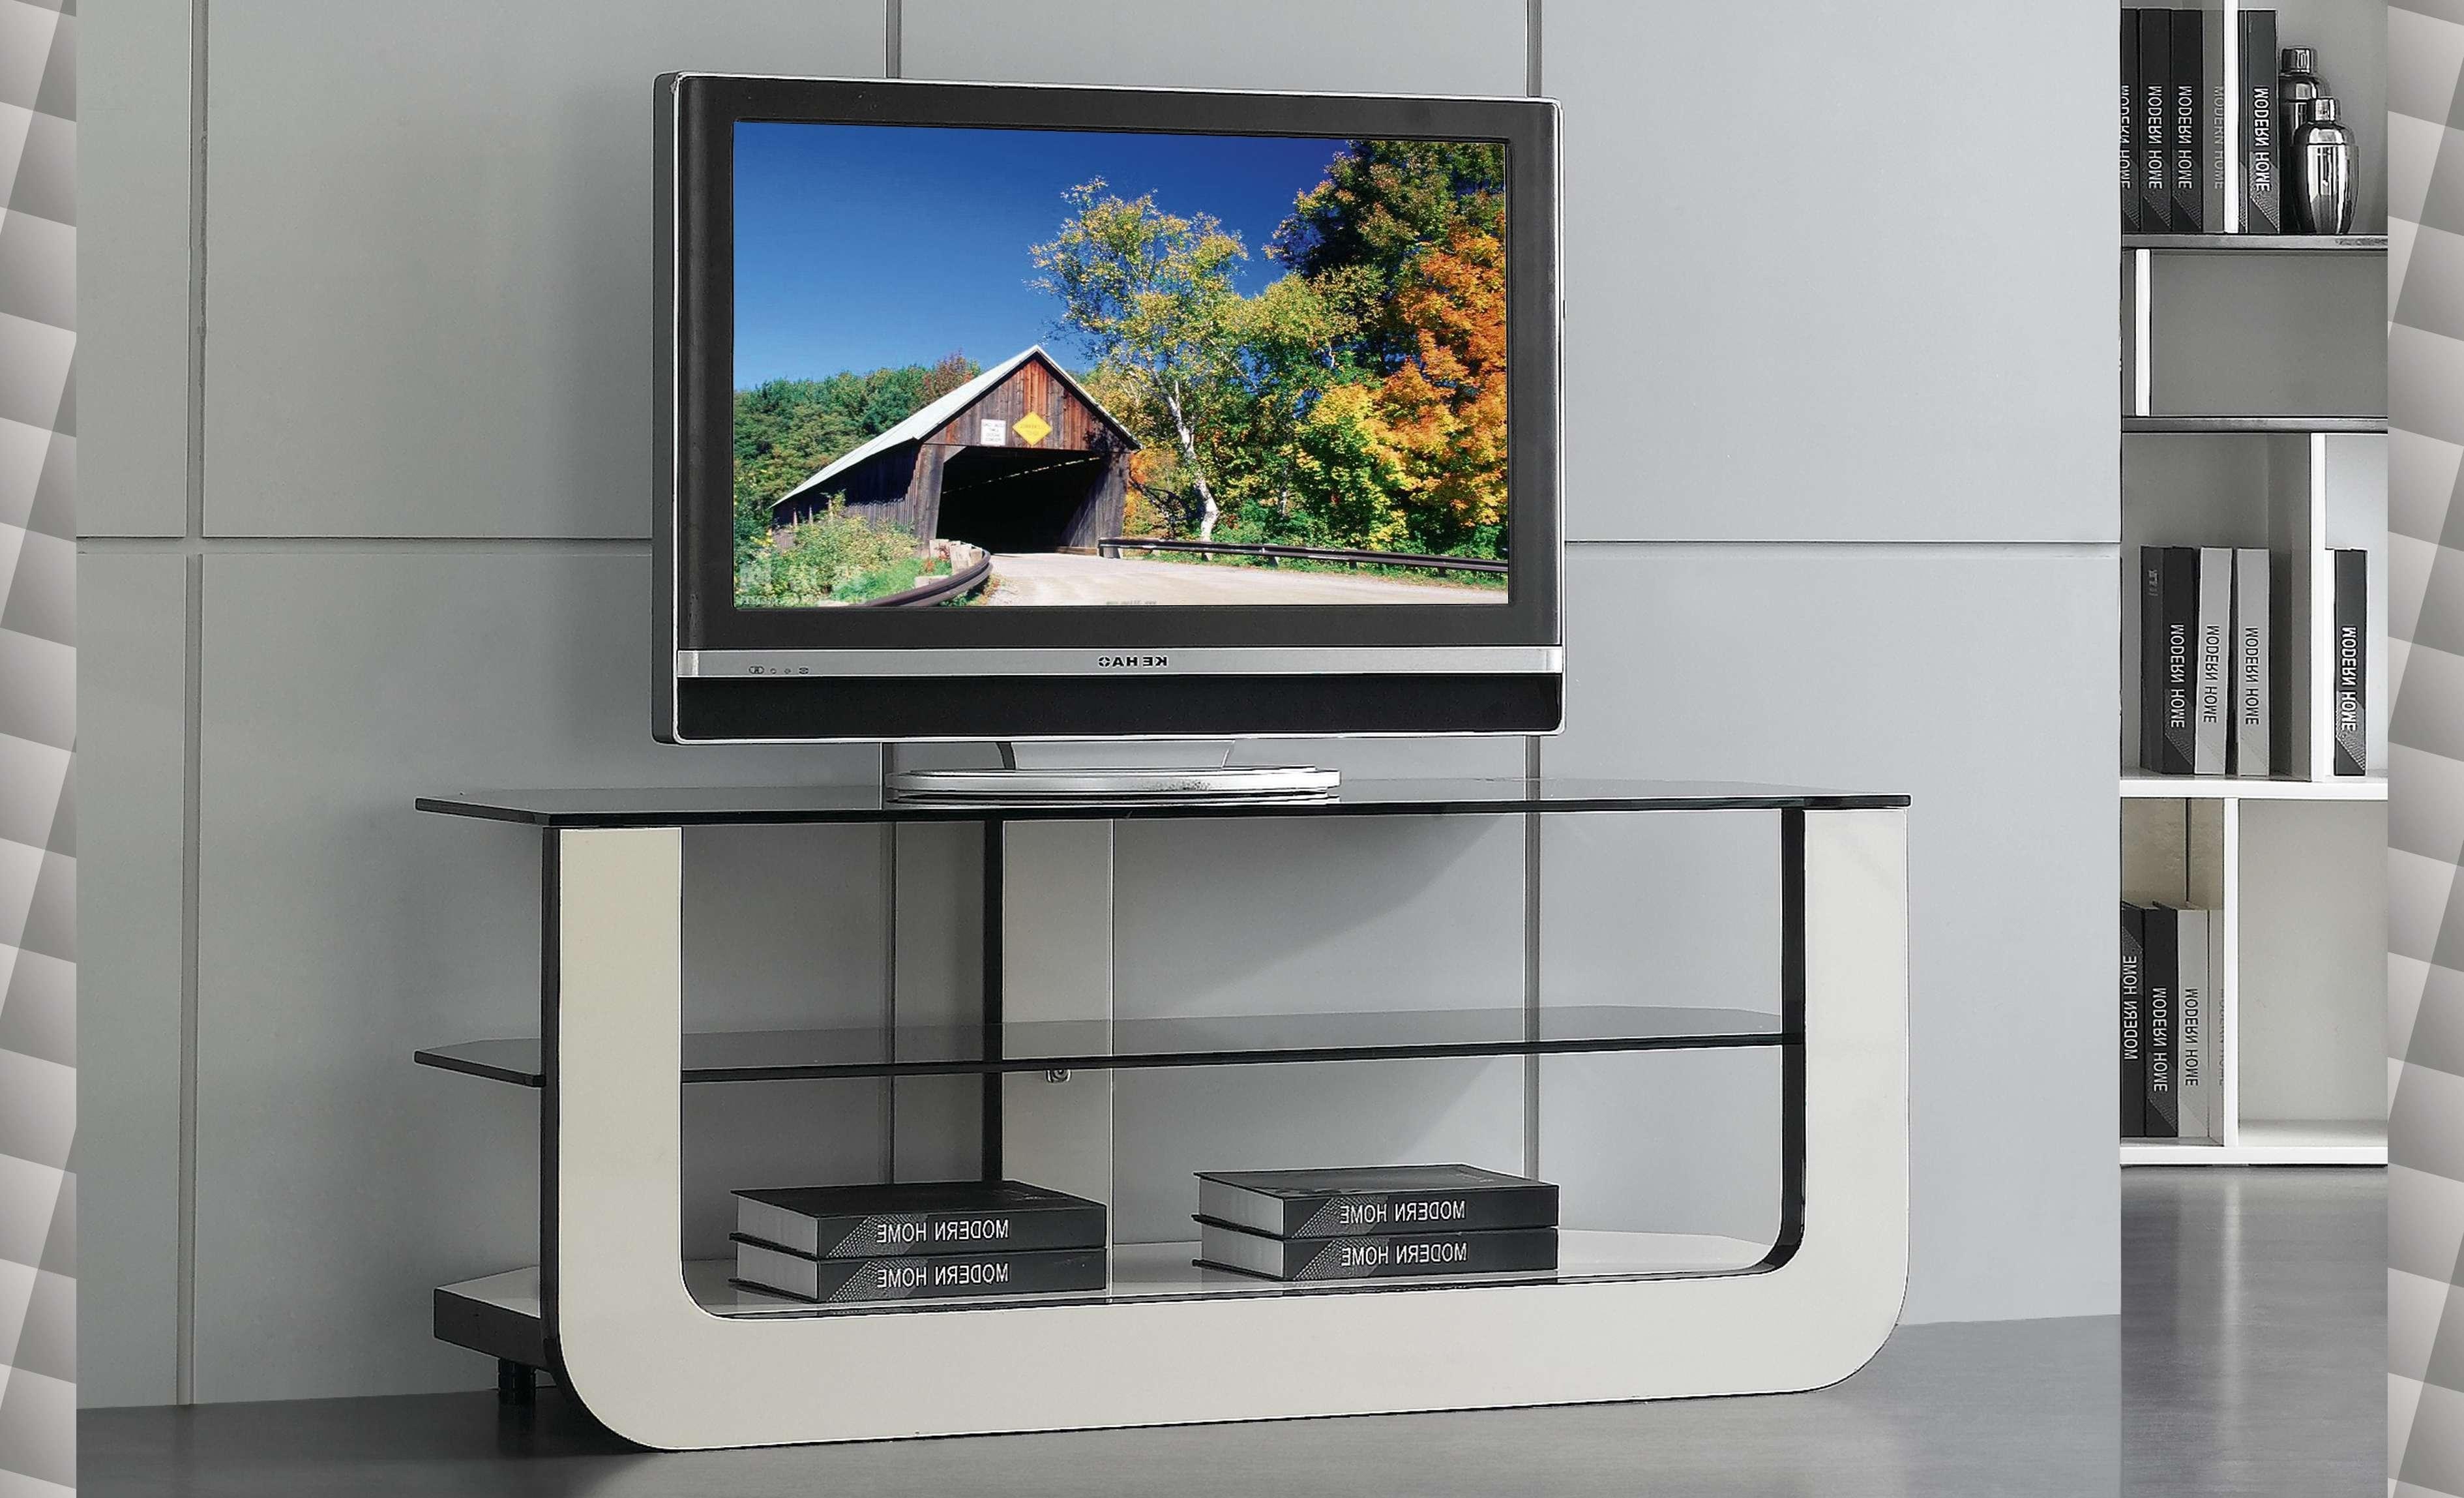 Contemporary Glass Tv Stands #14125 Regarding Contemporary Glass Tv Stands (View 2 of 15)